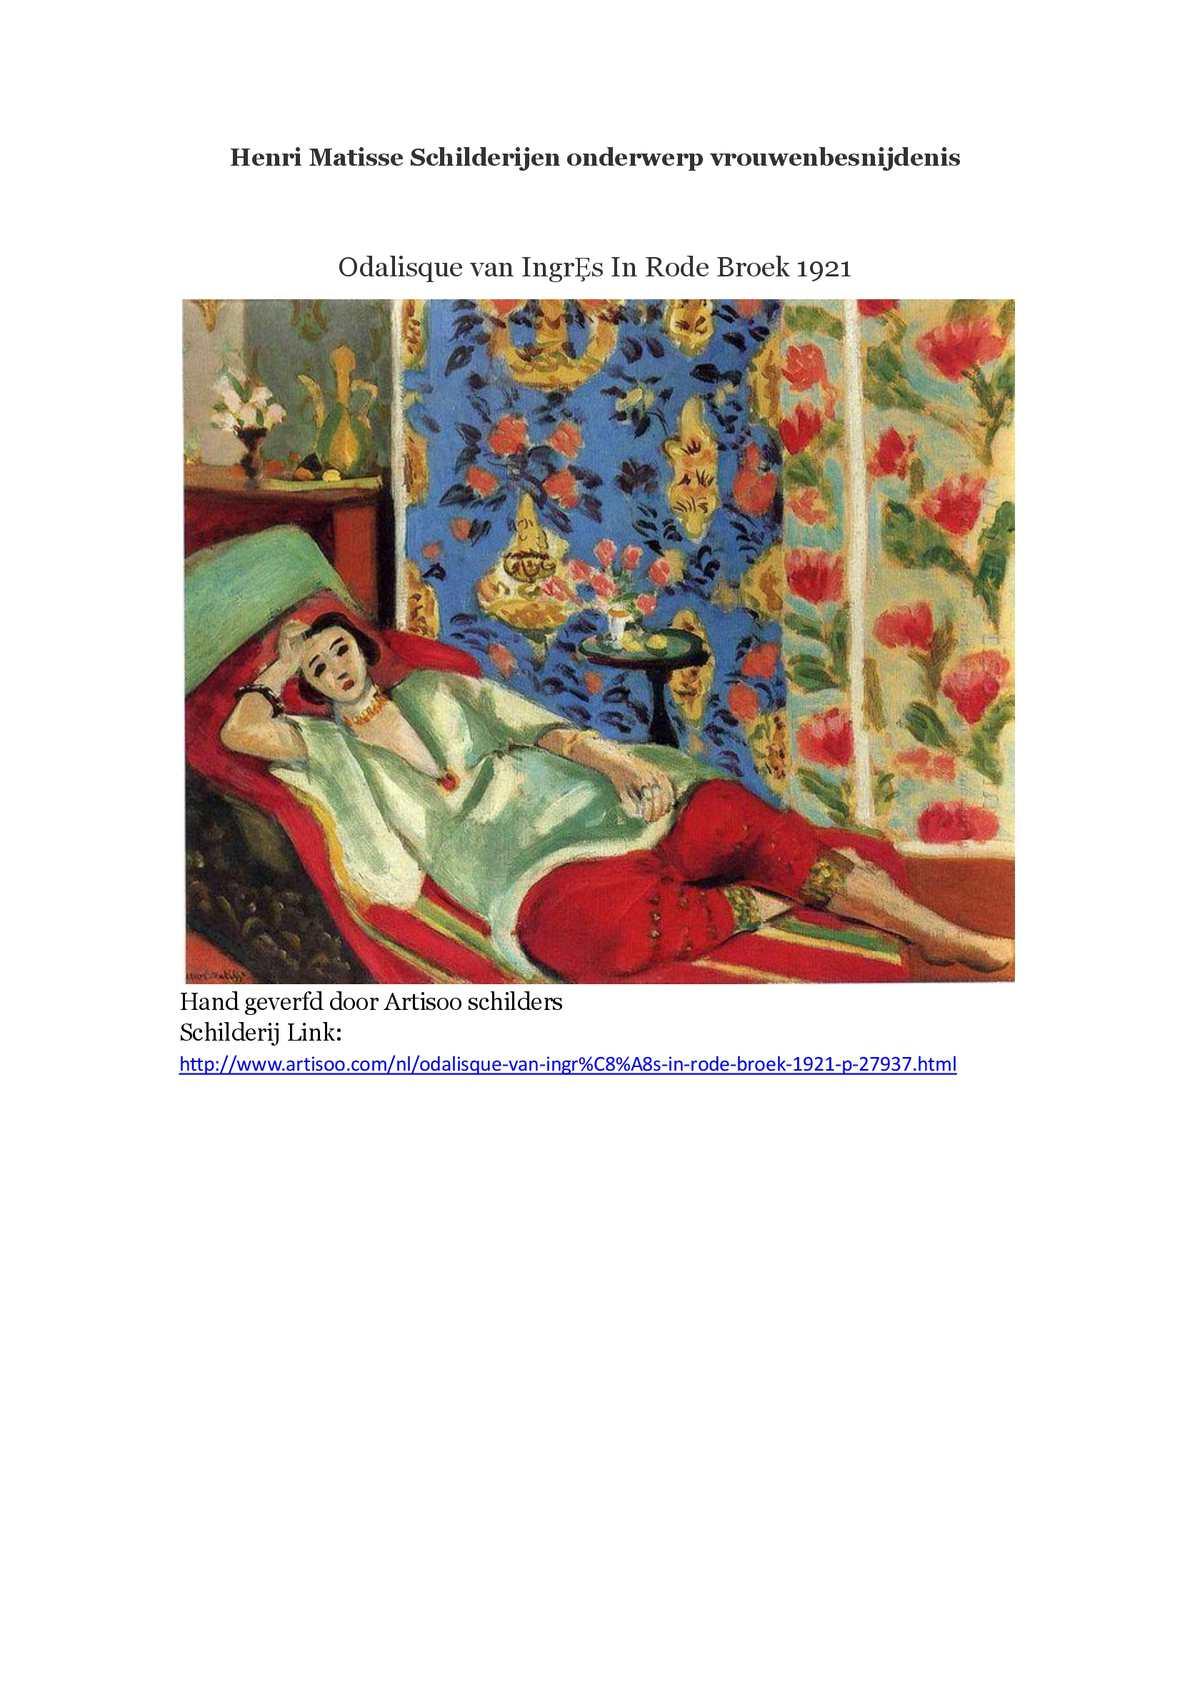 Wonderbaarlijk Calaméo - Henri Matisse Schilderijen onderwerp vrouwenbesnijdenis CY-65